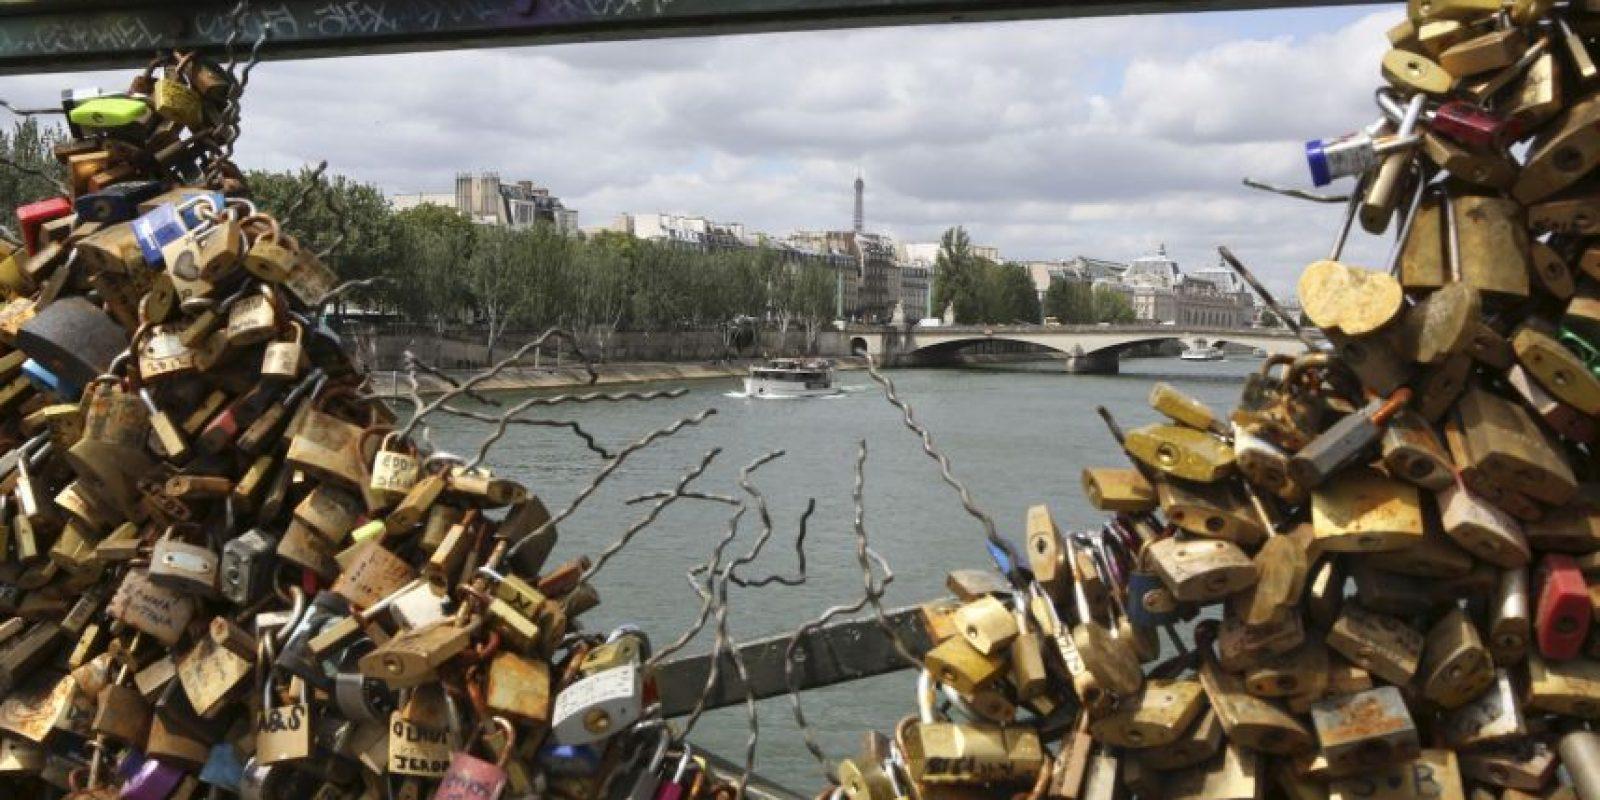 Las autoridades planean quitar 45 mil kilográmos de candados. Foto:AP